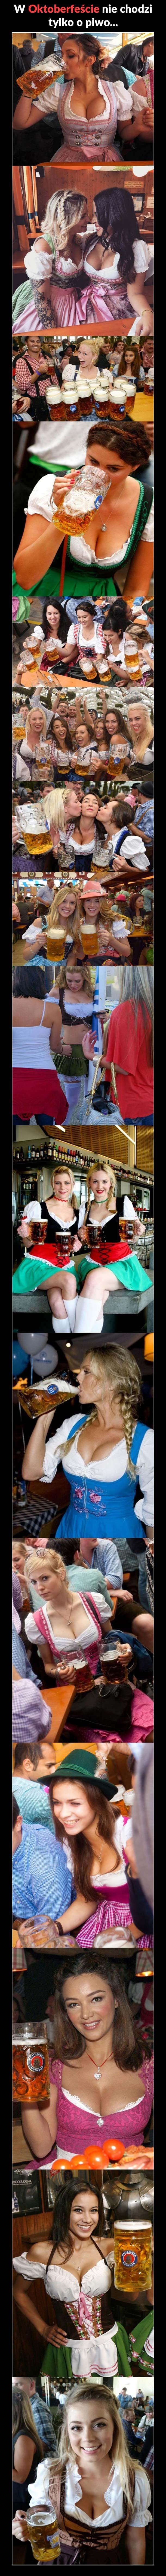 Piękniejsza strona Oktoberfestu Obrazki